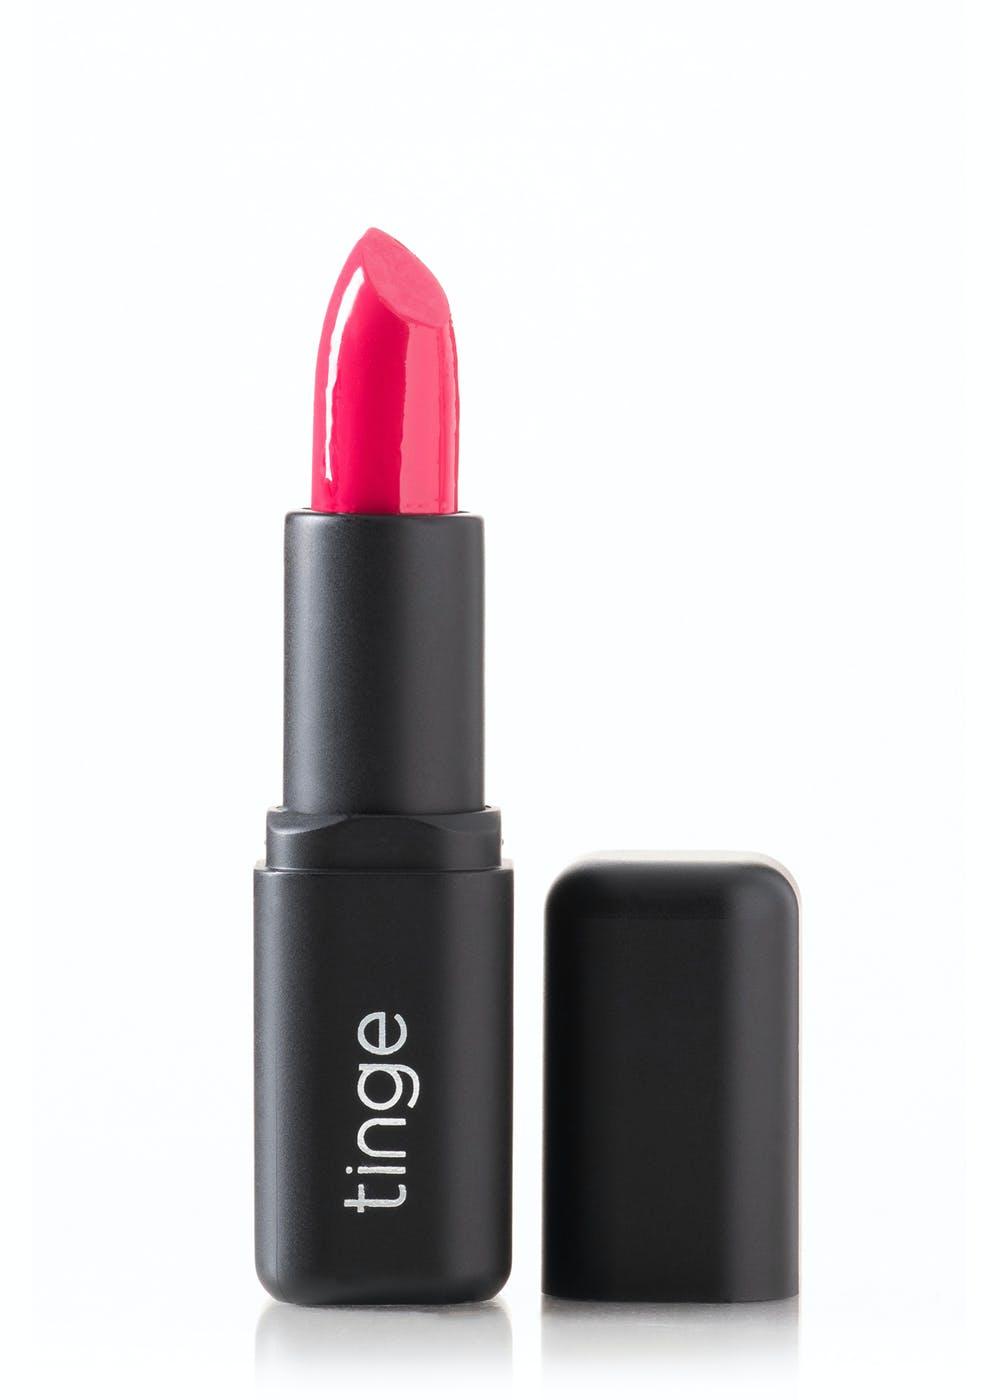 Bloggers Delight Lipstick